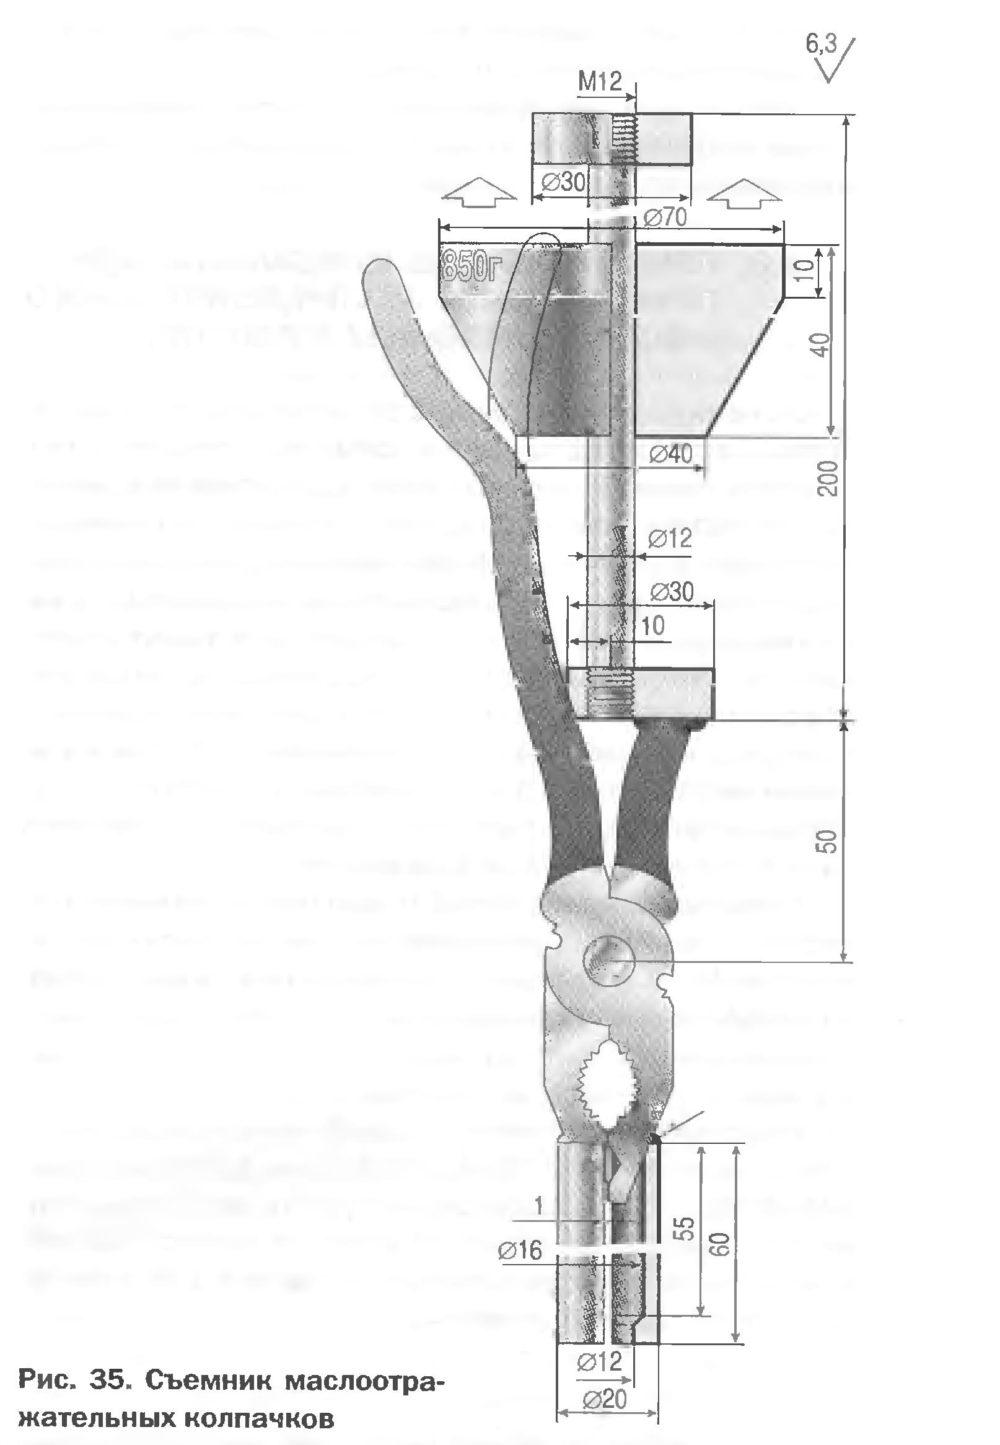 Съемник маслоотражательных колпачков